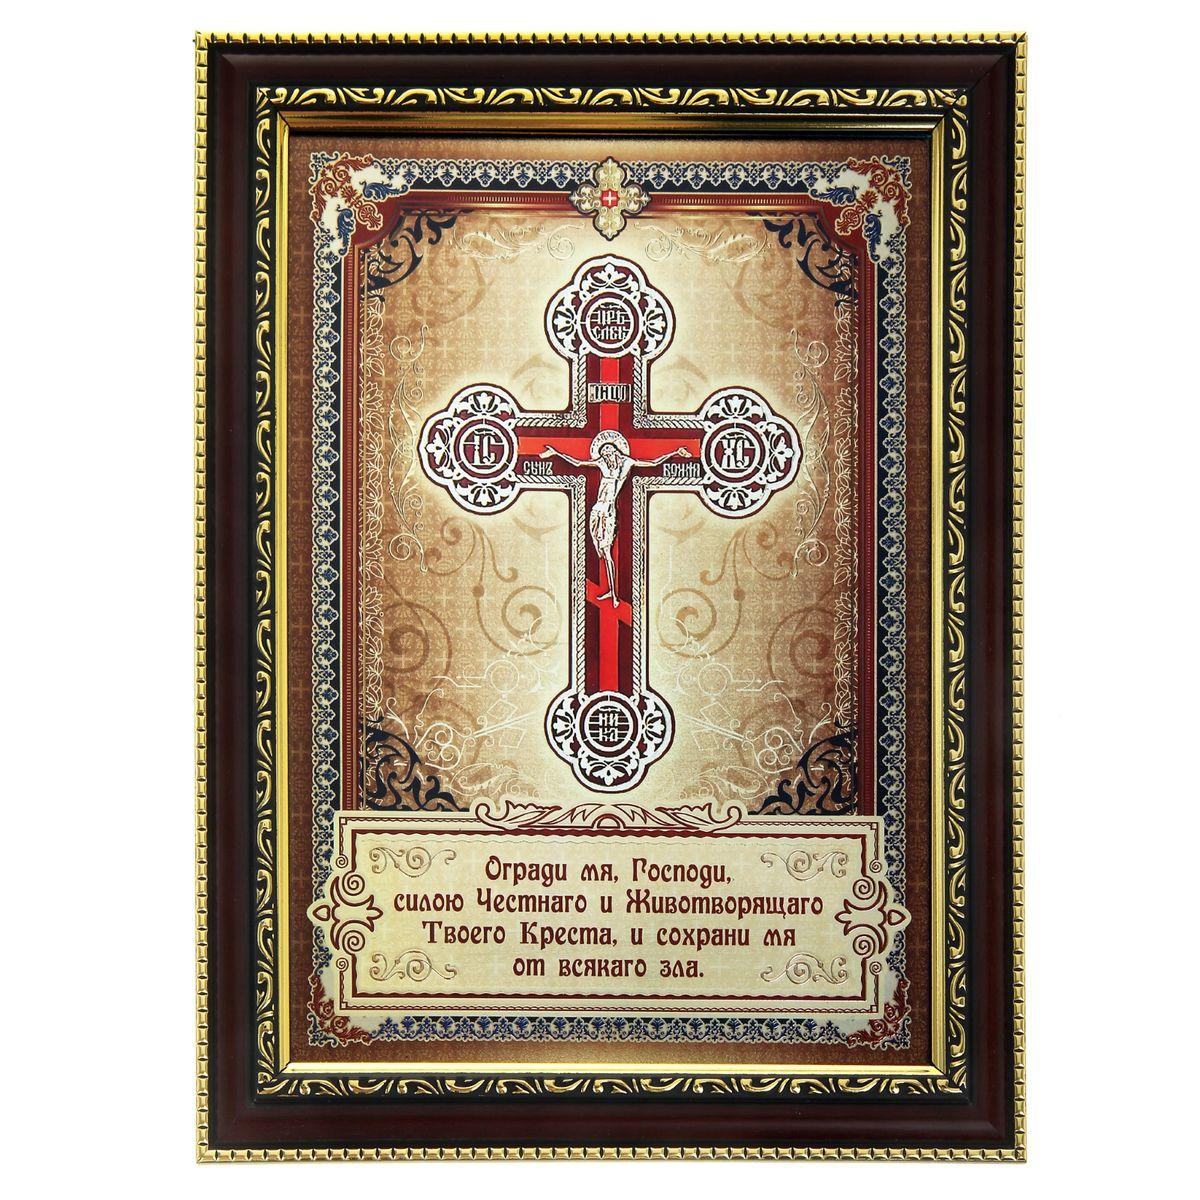 Икона с молитвой Молитва Кресту Господню, 26 х 34,5 см008802Икона Молитва Кресту Господню состоит из деревянной рамки с пластиковым орнаментом и со стеклом, в которую вставлен фольгированный лист с изображением православной иконы и молитвы. С задней стороны имеется ножка для удобного размещения на плоской горизонтальной поверхности. Изображенный образ полностью соответствует канонам Русской Православной Церкви.Такая икона в рамке привнесет в ваш дом согласие и мир и будет прекрасным подарком, оберегающим близких вам людей.